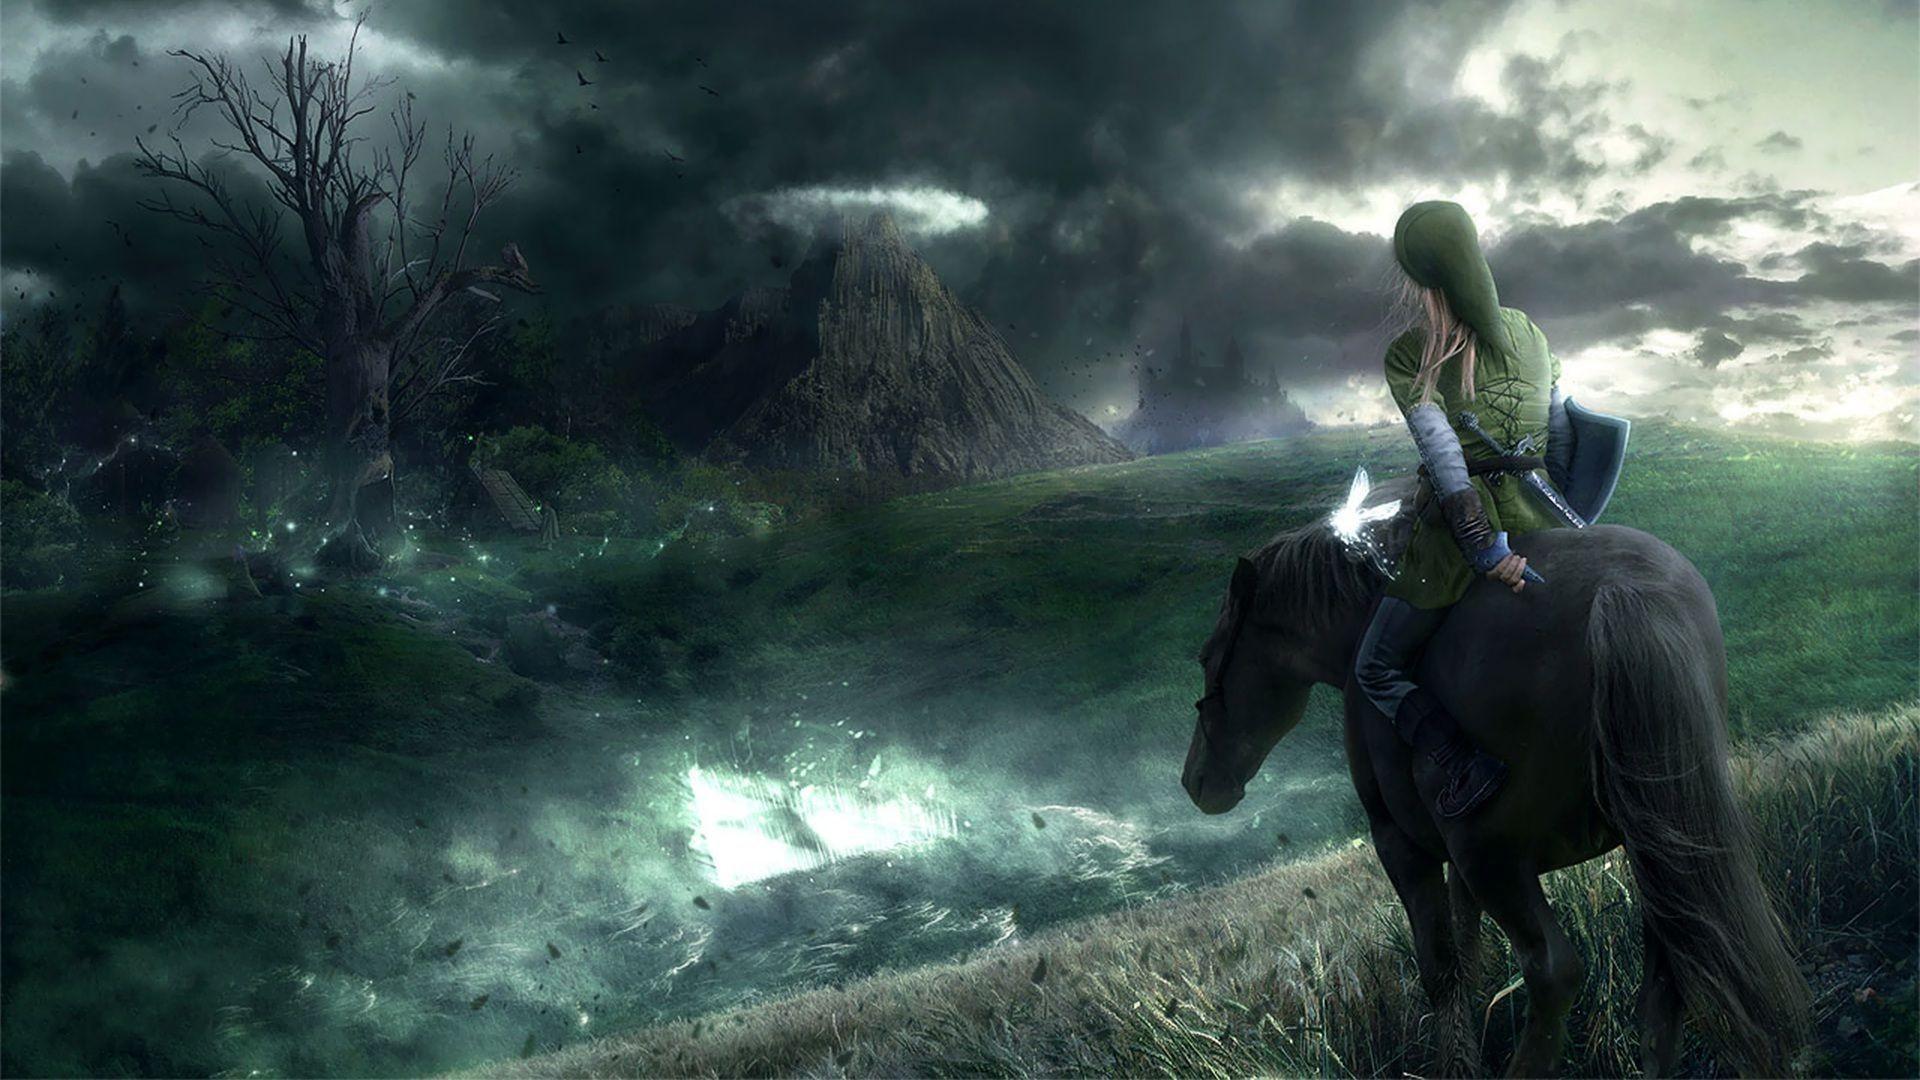 Legend Of Zelda Wallpaper 1920x1080 1 Download Free Amazing HD